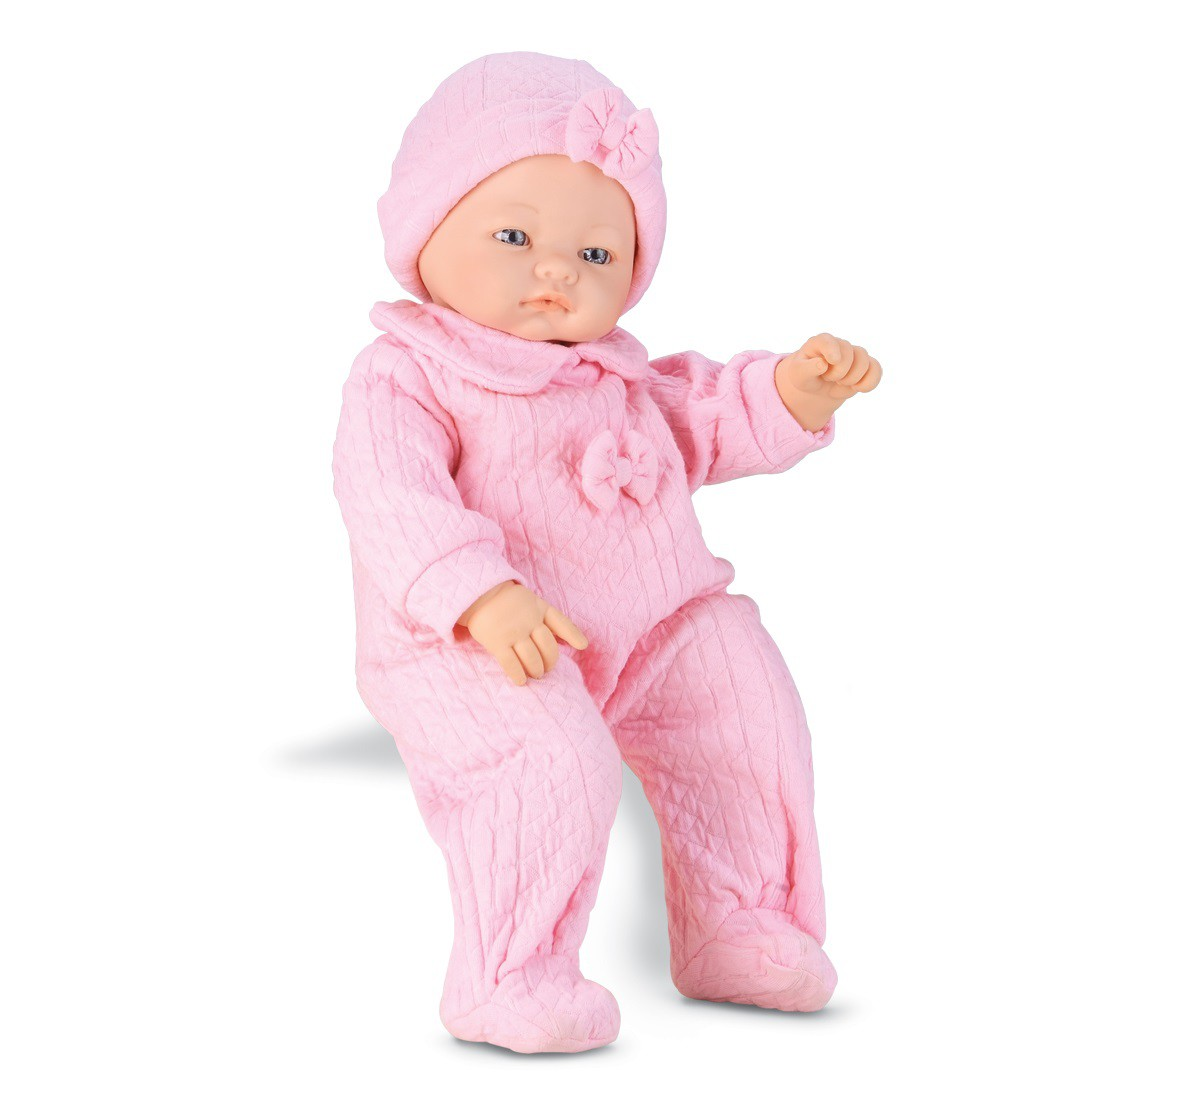 Boneca Bebê Check-me Roma Jensen Ref. 5280